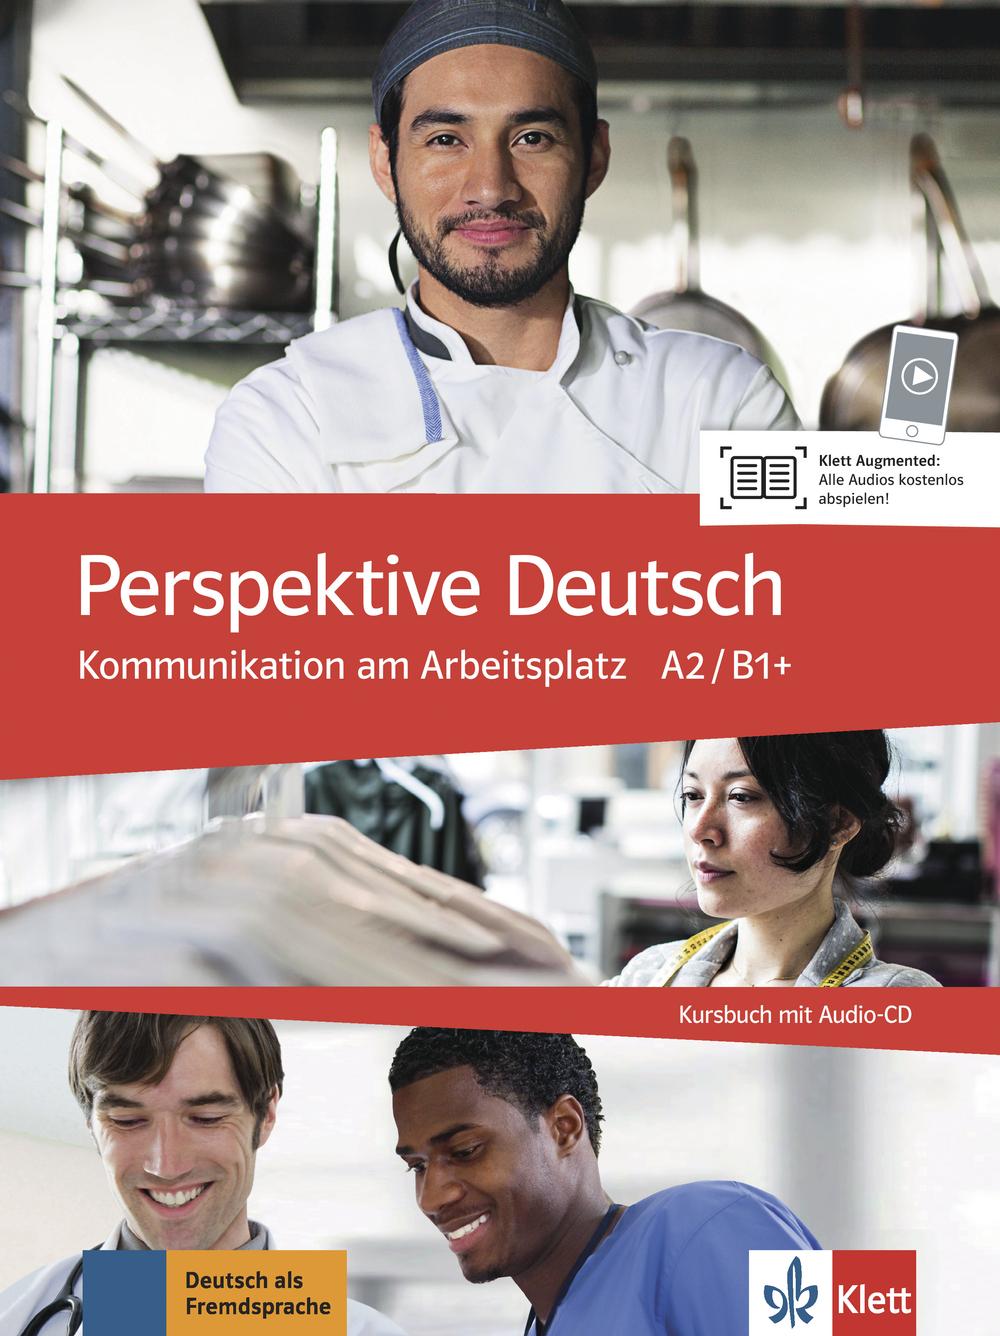 Perspektive Deutsch